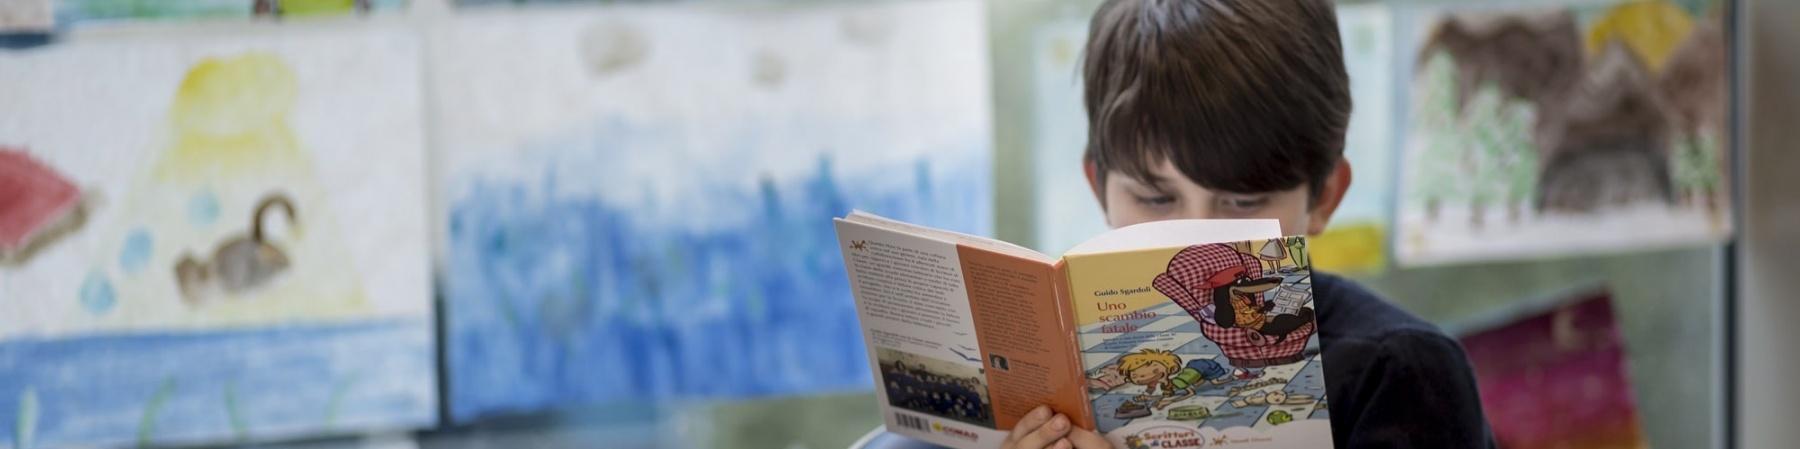 bambino seduto su una sedia davanti a un banco di scuola mentre legge un libro che tiene di fronte al suo viso